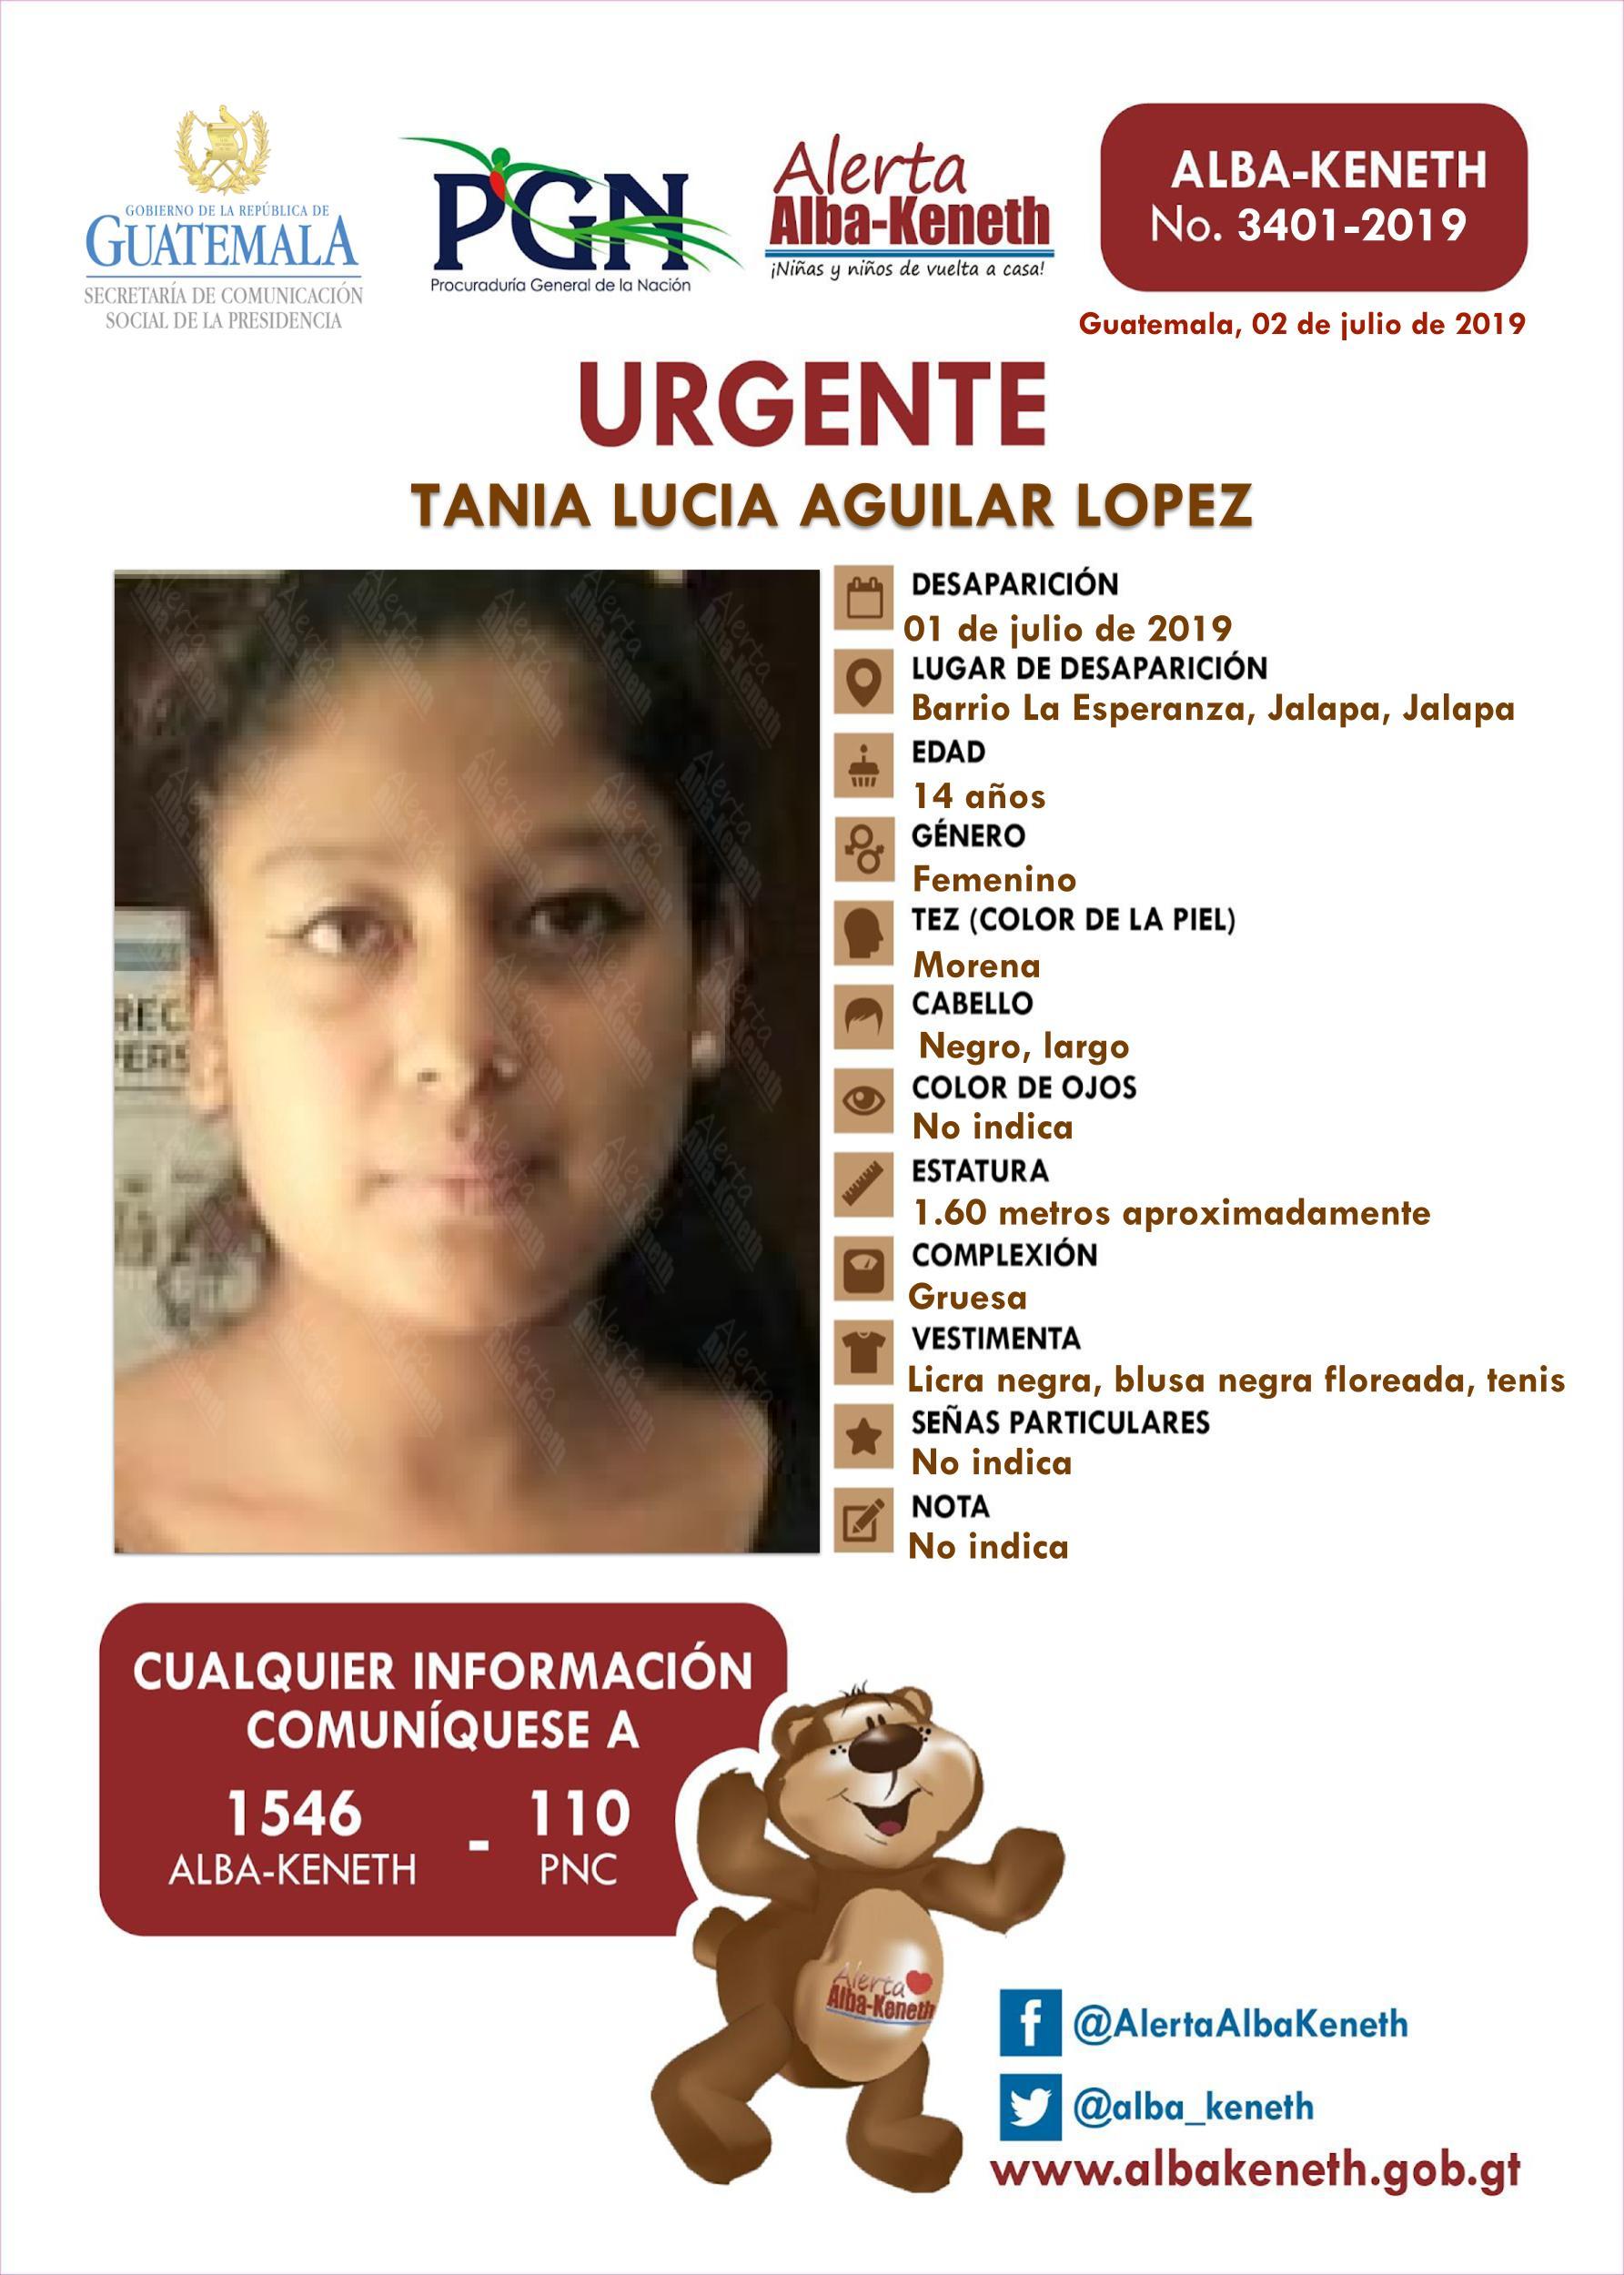 Tania Lucia Aguilar Lopez